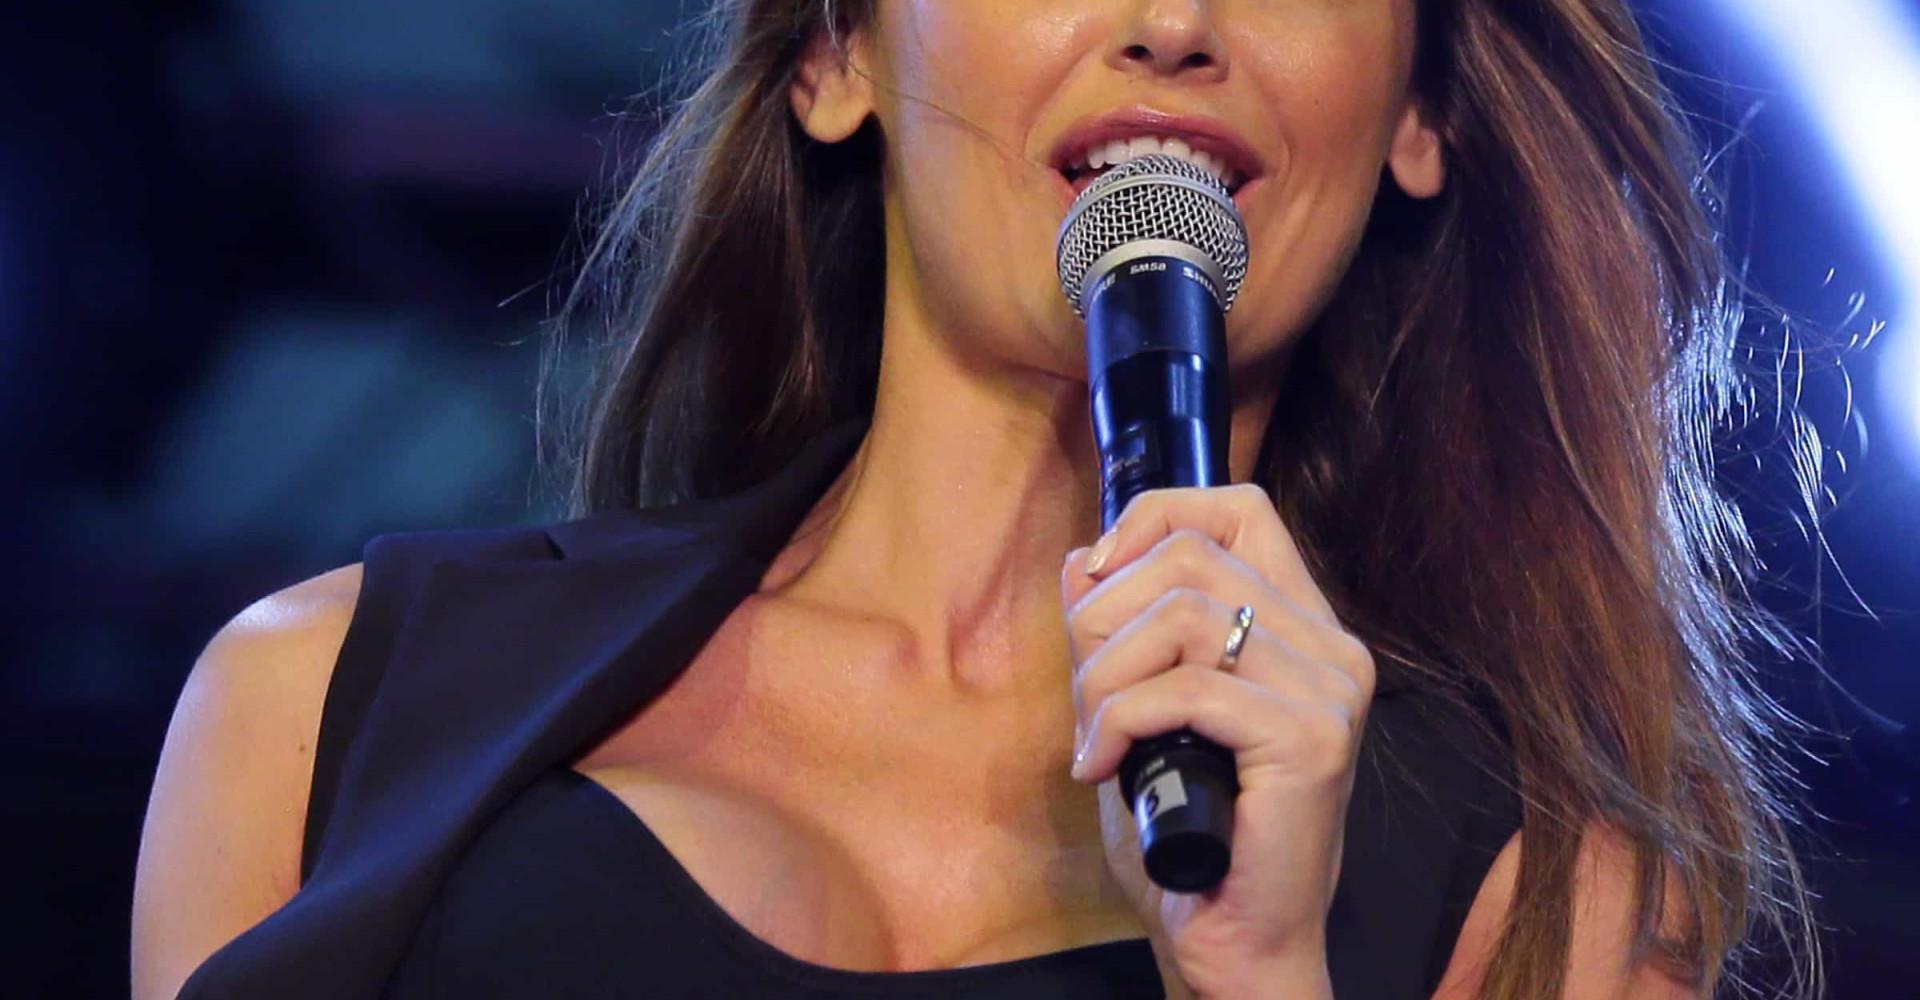 Moda: Anna Tatangelo, dallo stile ribelle all'eleganza da donna matura